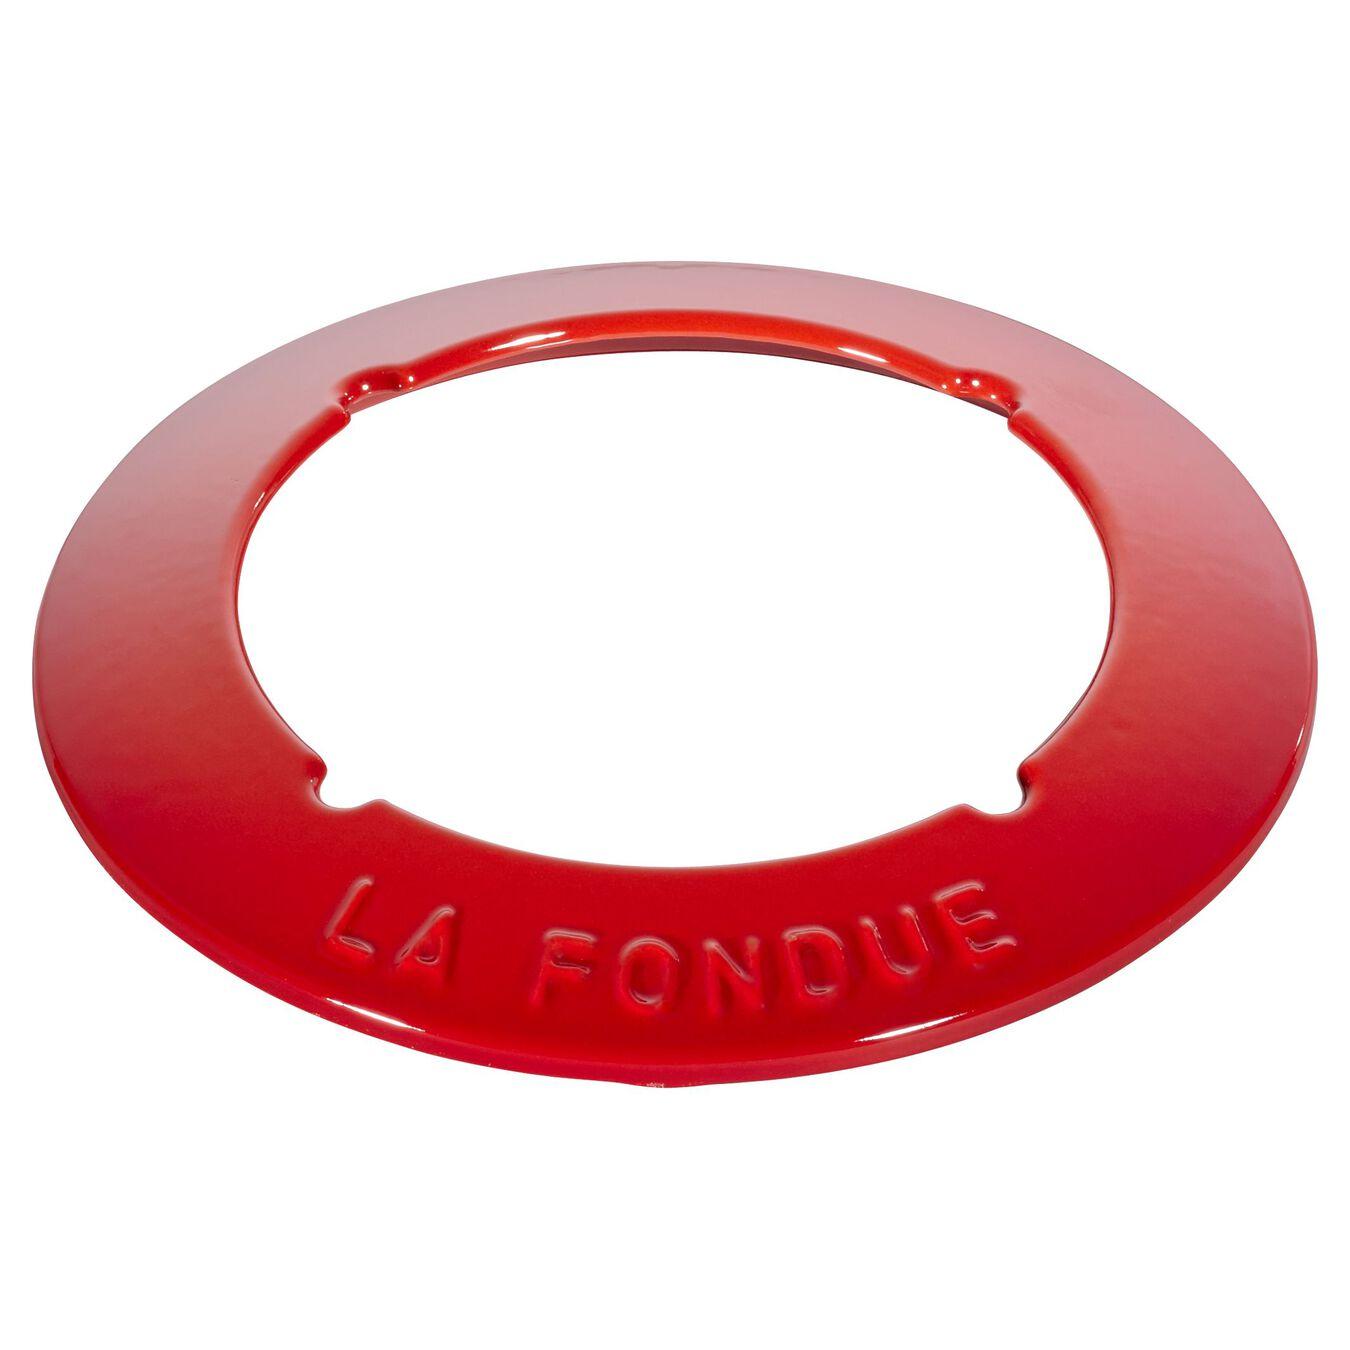 Conjunto para fondue 16 cm, Vermelho cereja,,large 5